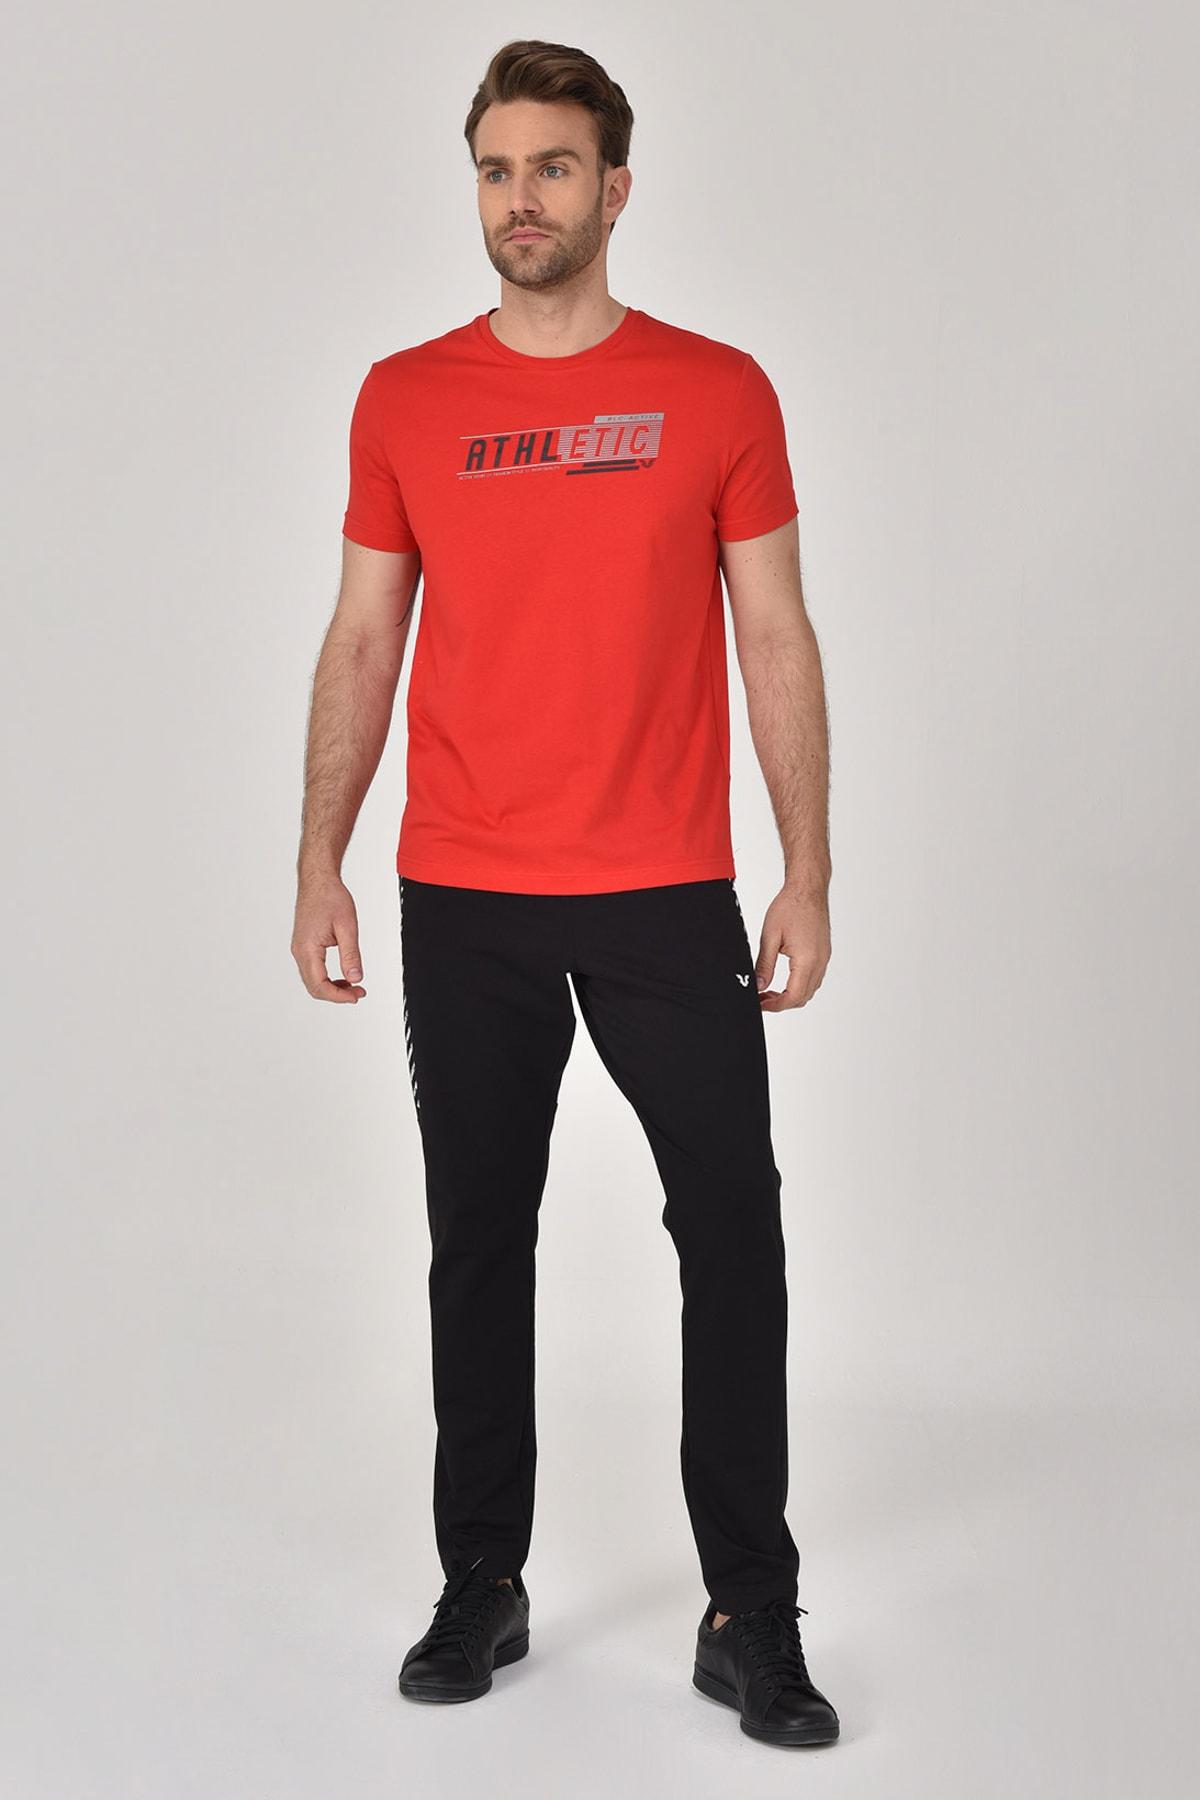 bilcee Kırmızı Erkek T-shirt  GS-8812 2